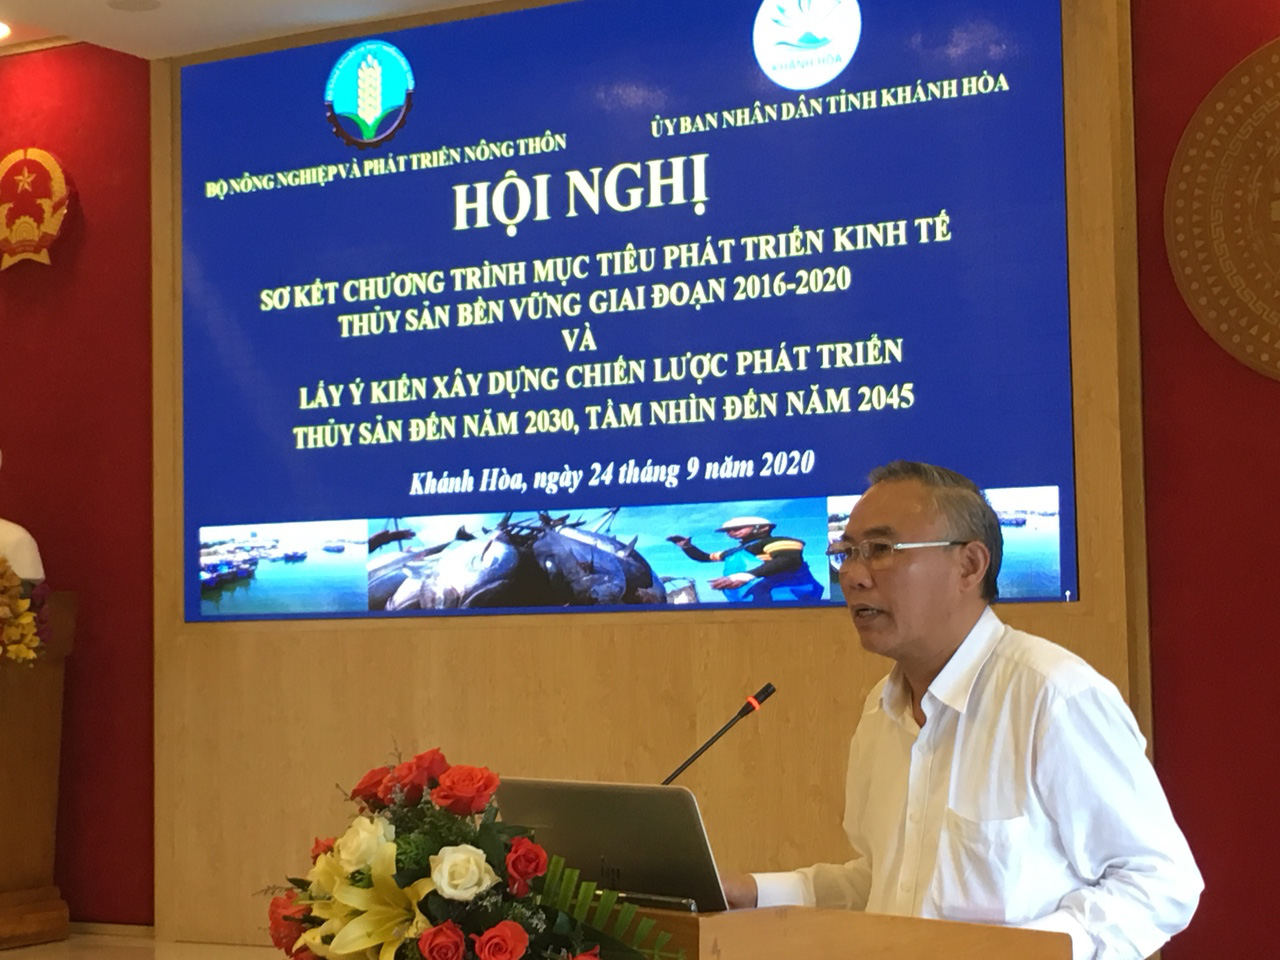 Kim ngạch xuất khẩu, thủy sản Việt Nam đứng thứ 3 thế giới - Ảnh 1.